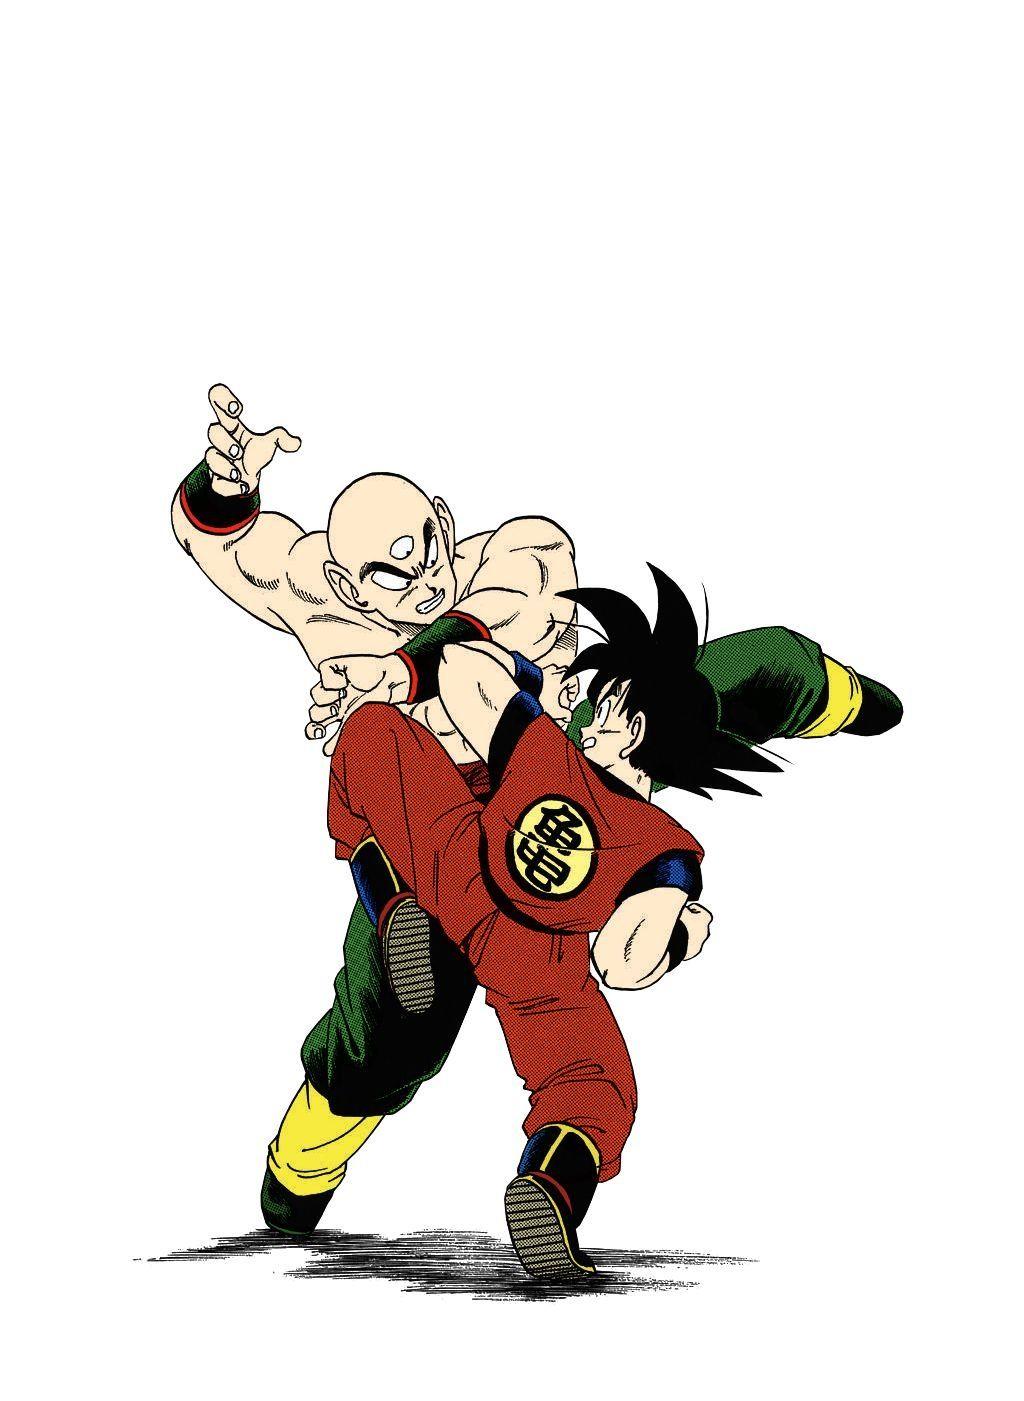 Goku vs. Tien Dragon ball goku, Dragon ball z, Dragon ball